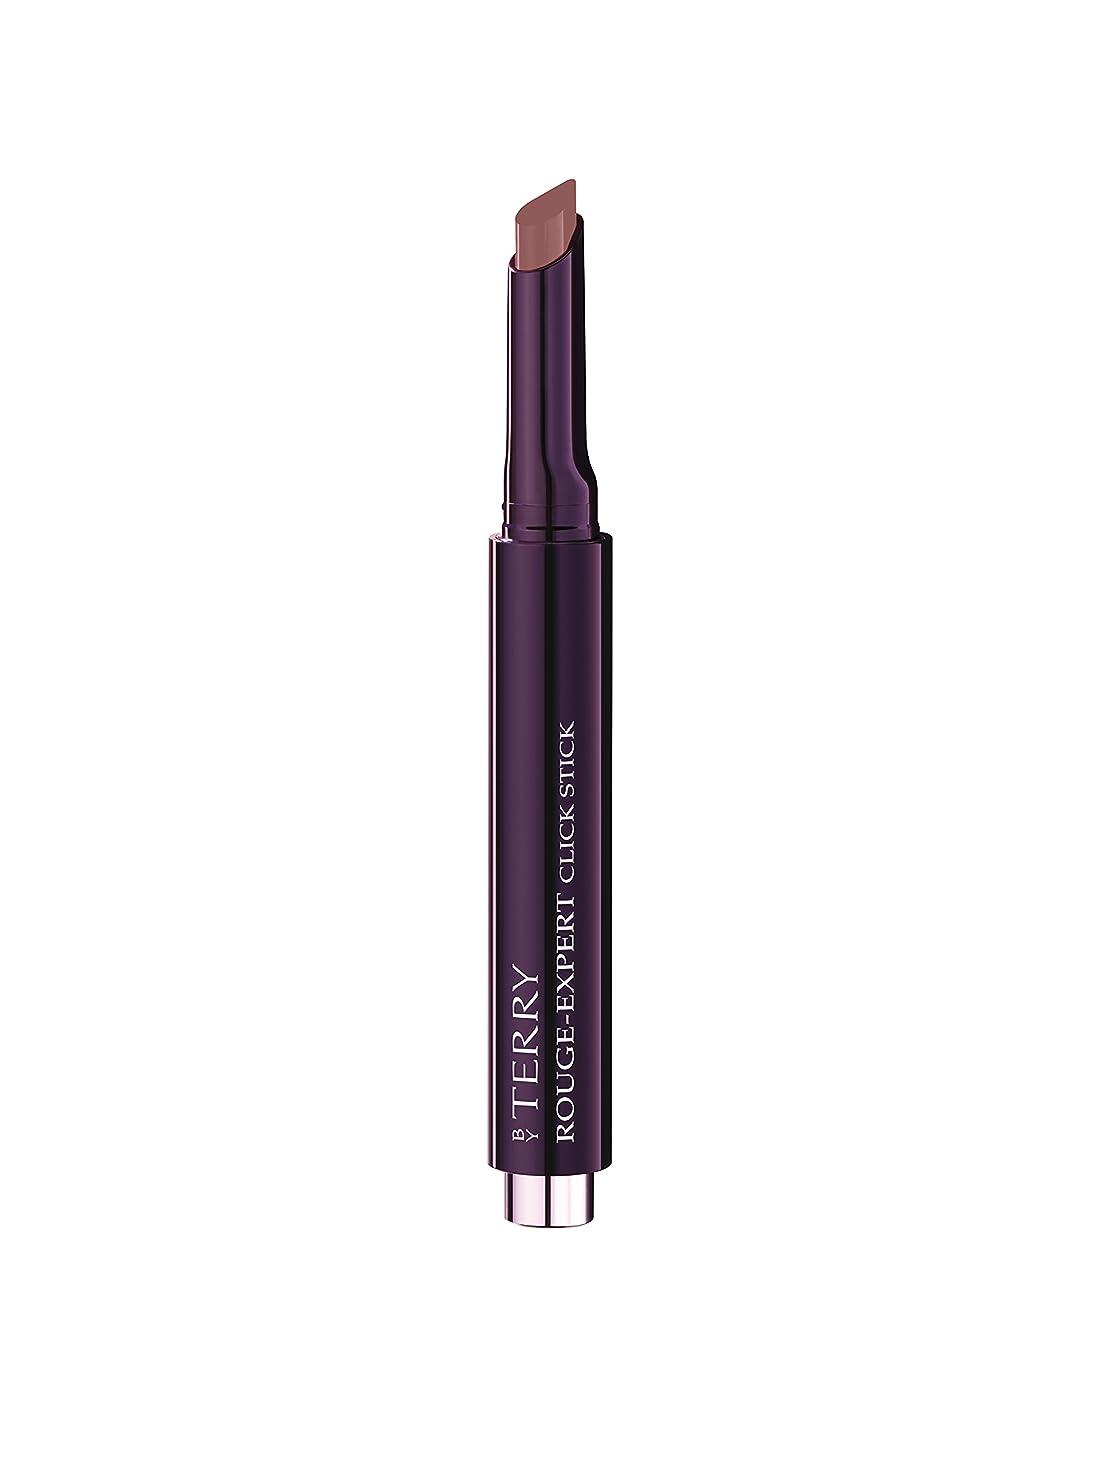 理容室宿題どっちバイテリー Rouge Expert Click Stick Hybrid Lipstick - # 29 Orchid Glaze 1.5g/0.05oz並行輸入品